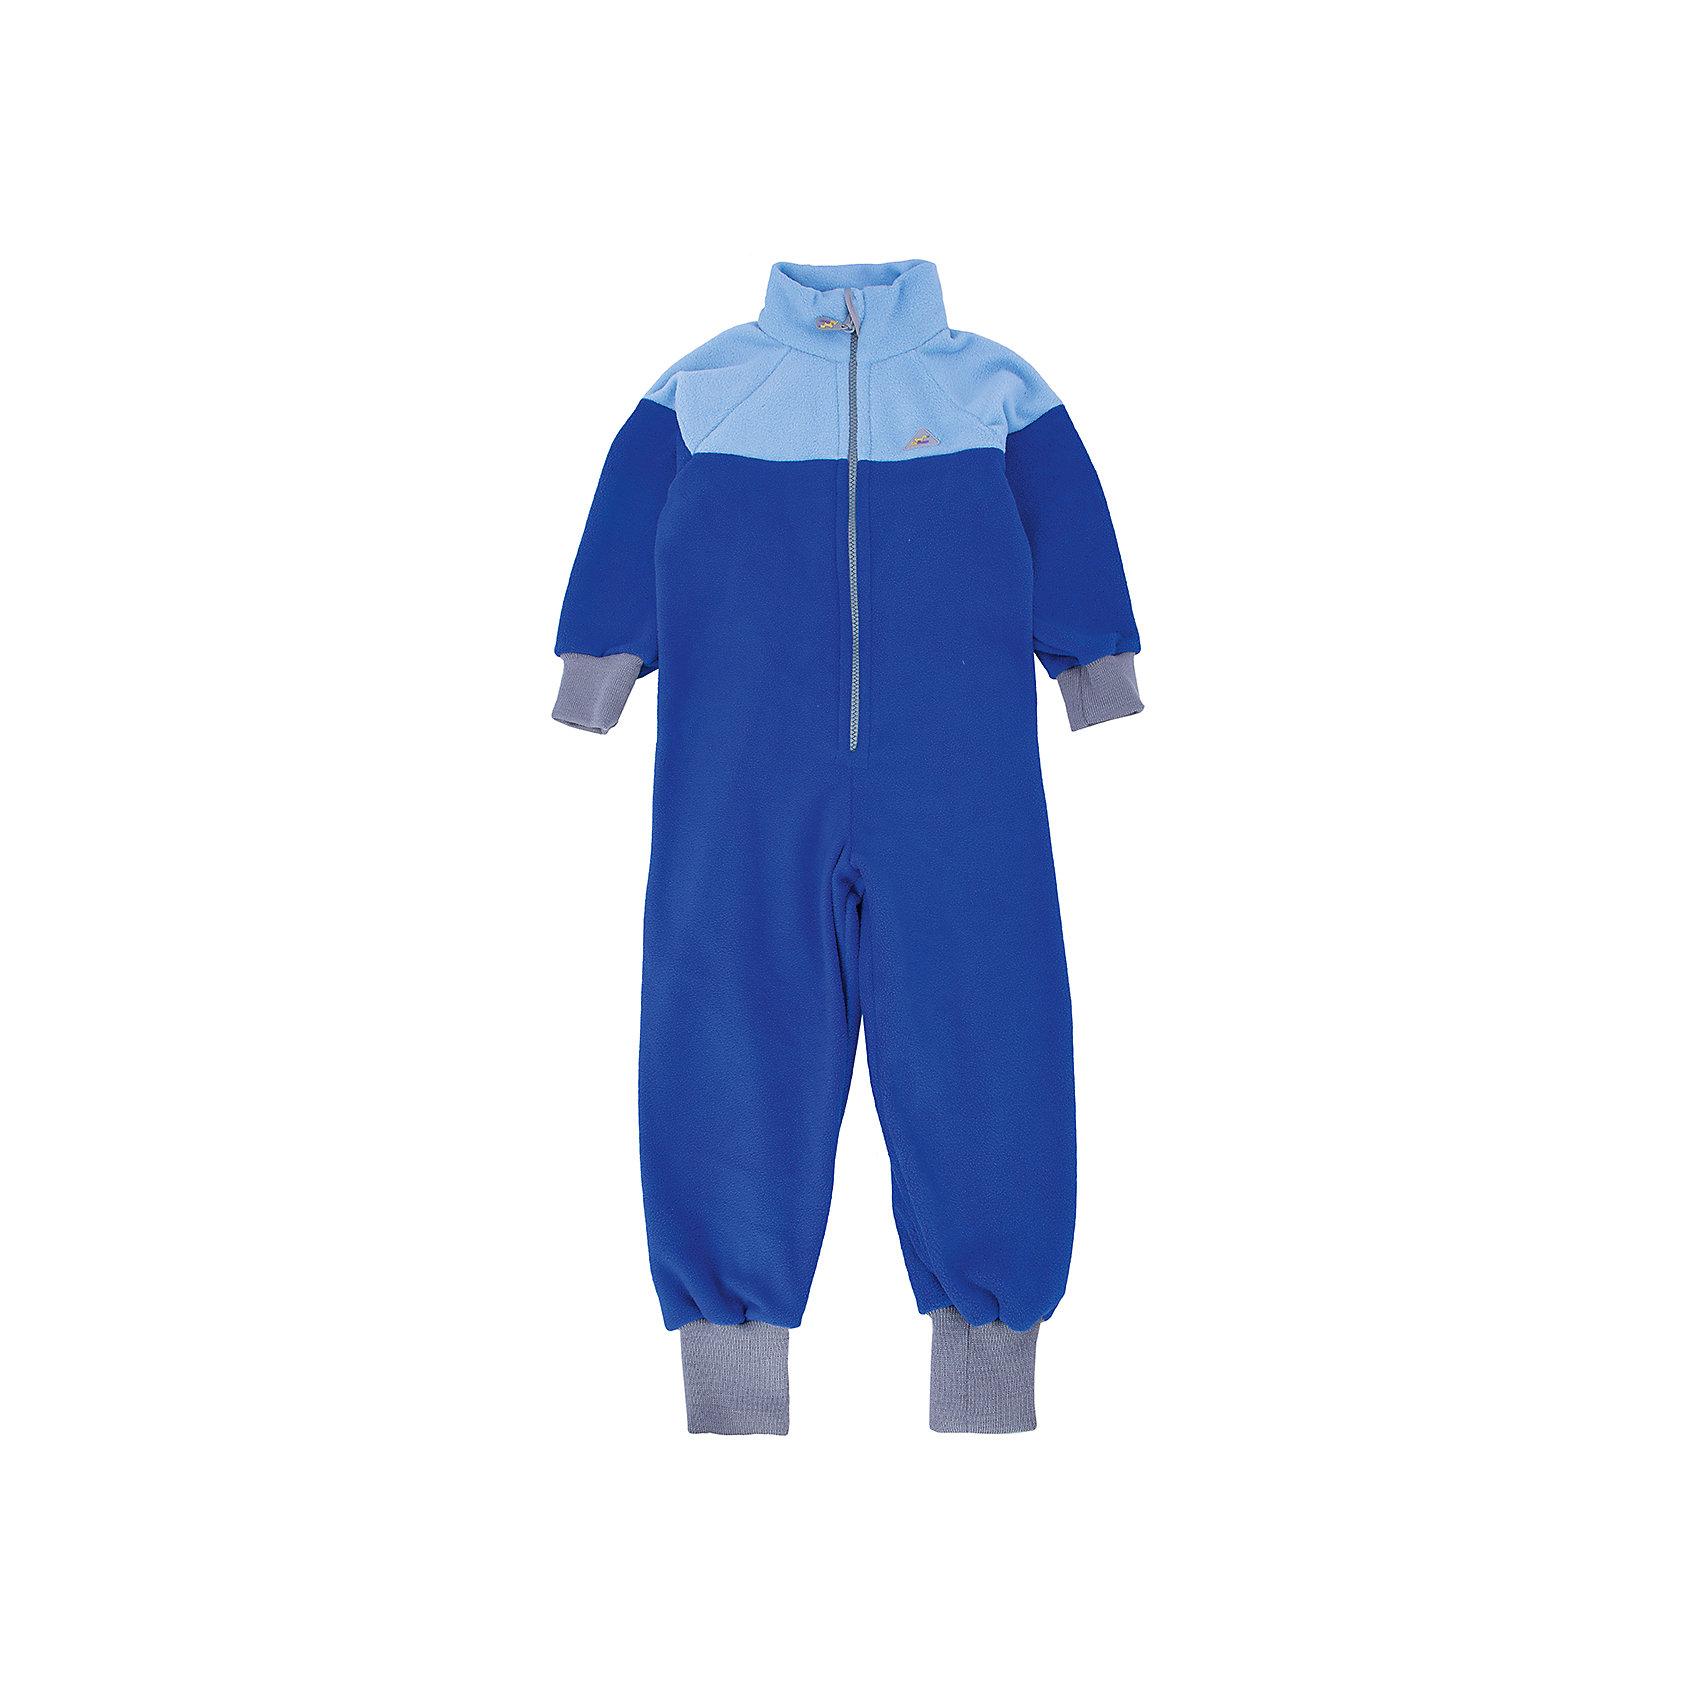 Комбинезон Чемпион для мальчика ЛисФлисФлис и термобелье<br>Характеристики комбинезона:<br><br>- пол: для мальчиков<br>- комплект: комбинезон<br>- длина рукава: длинные<br>- цвет: голубой/синий<br>- вид застежки: молния<br>- материал: флис<br>- уход: предварительная стирка<br>- рисунок: без рисунка<br>- утеплитель: без утепления<br>- назначение: повседневная<br>- сезон: круглогодичный<br>- страна бренда: Россия<br>- страна производитель: Россия<br><br>Комбинезон торговой марки ЛисФлис Чемпион идеальный вариант под мембранную одежду. Изделие одевается как поддева (дополнительный утепляющий слой) под мембранную ветровку, а можно носить как самостоятельное изделие. Прекрасный вариант на межсезонье и зиму. Прочная молния комбинезона расстегивается и застегивается одним движением руки. Удобные широкие эластичные манжеты обеспечат идеальную посадку по фигуре. Комбинезон удачно притален сзади.<br><br>Комбинезон для мальчика торговой марки ЛисФлис  можно купить в нашем интернет-магазине.<br><br>Ширина мм: 215<br>Глубина мм: 88<br>Высота мм: 191<br>Вес г: 336<br>Цвет: голубой/синий<br>Возраст от месяцев: 24<br>Возраст до месяцев: 36<br>Пол: Мужской<br>Возраст: Детский<br>Размер: 134,98,80,86,92,104,110,116,122,128<br>SKU: 4938871